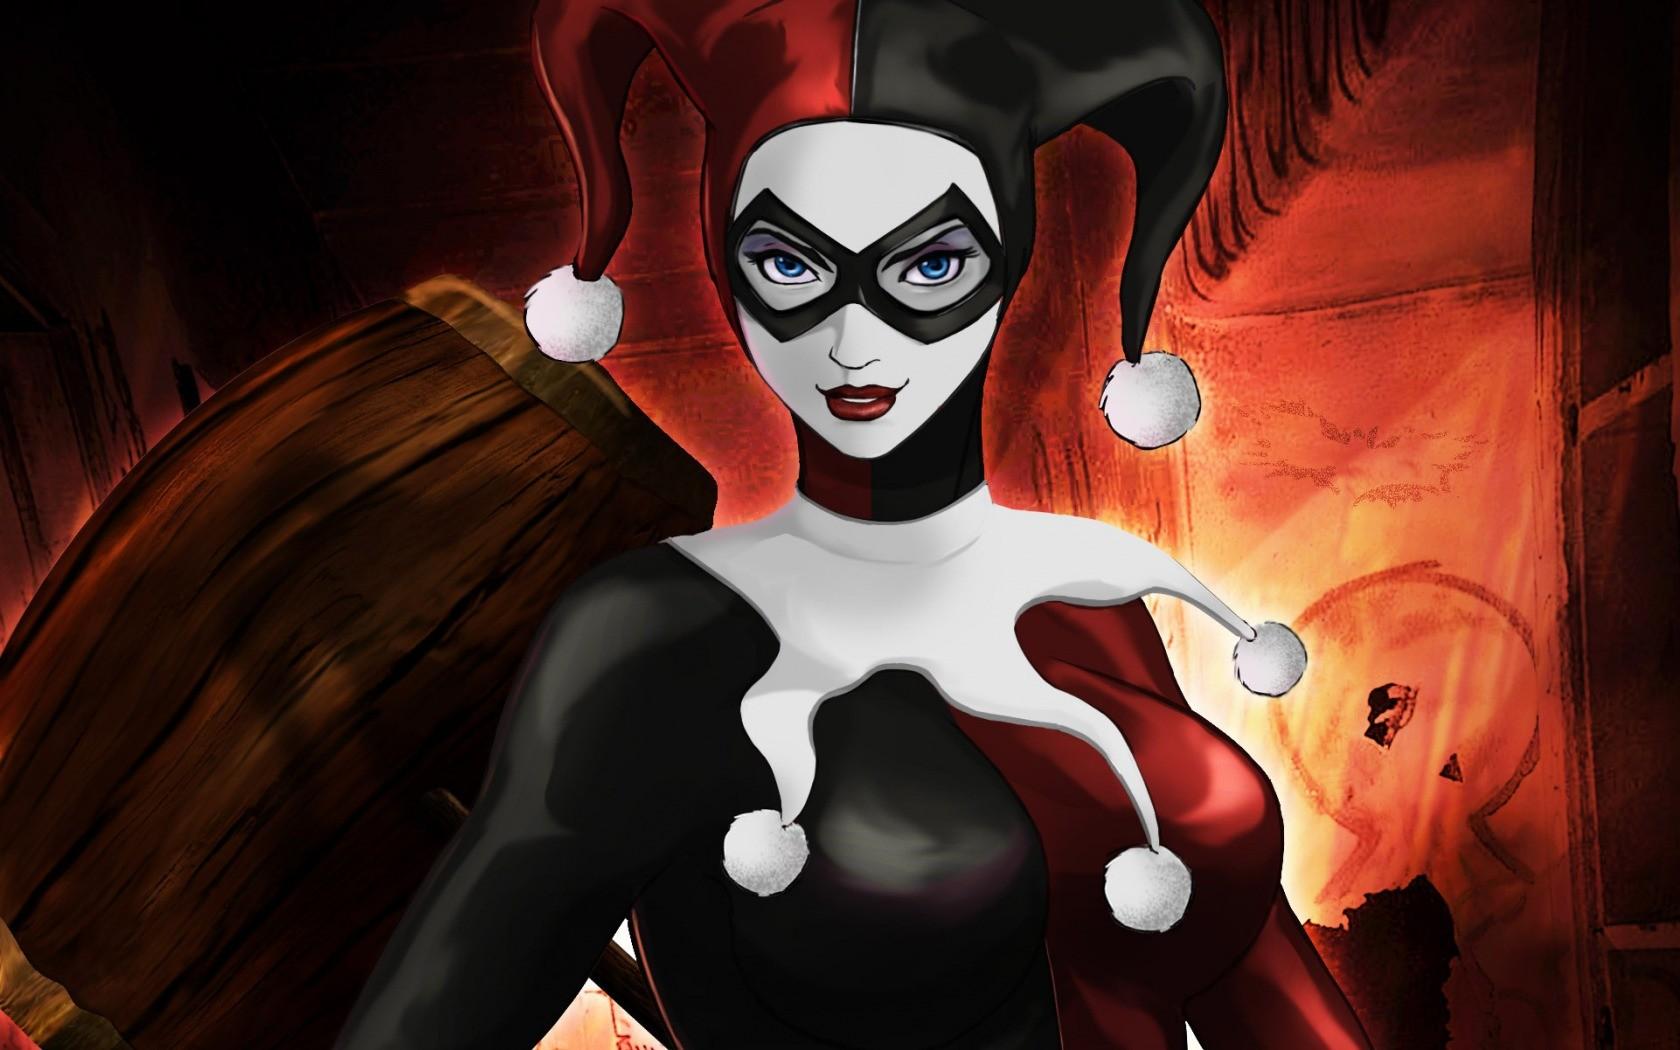 Most Inspiring Wallpaper Halloween Batman - illustration-digital-art-anime-red-Batman-Joker-DC-Comics-Harley-Quinn-comics-darkness-screenshot-computer-wallpaper-fictional-character-fiction-138055  Graphic_55426.jpg